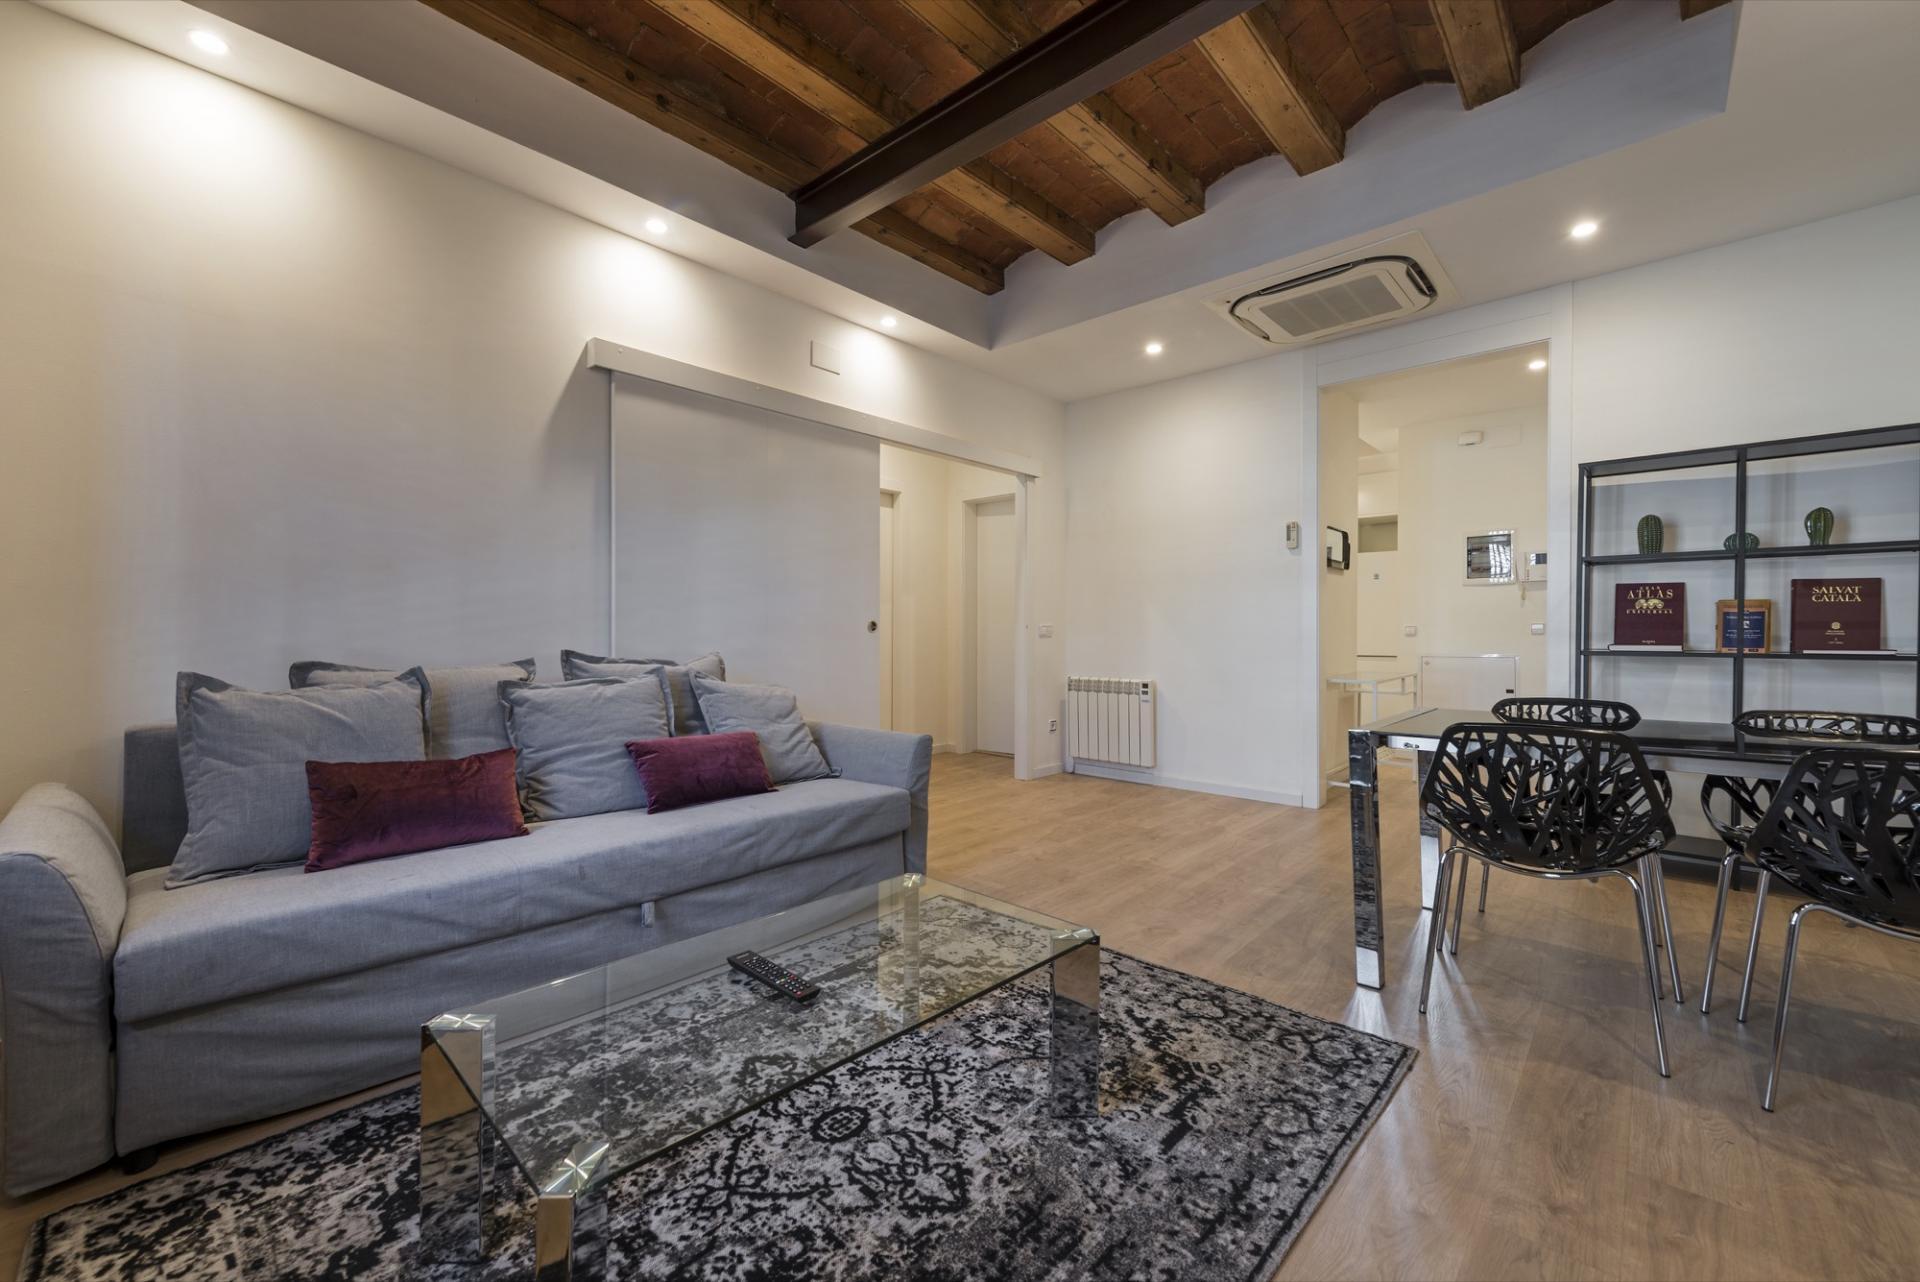 Grey at Pelayo Suites, El Raval, Barcelona - Citybase Apartments